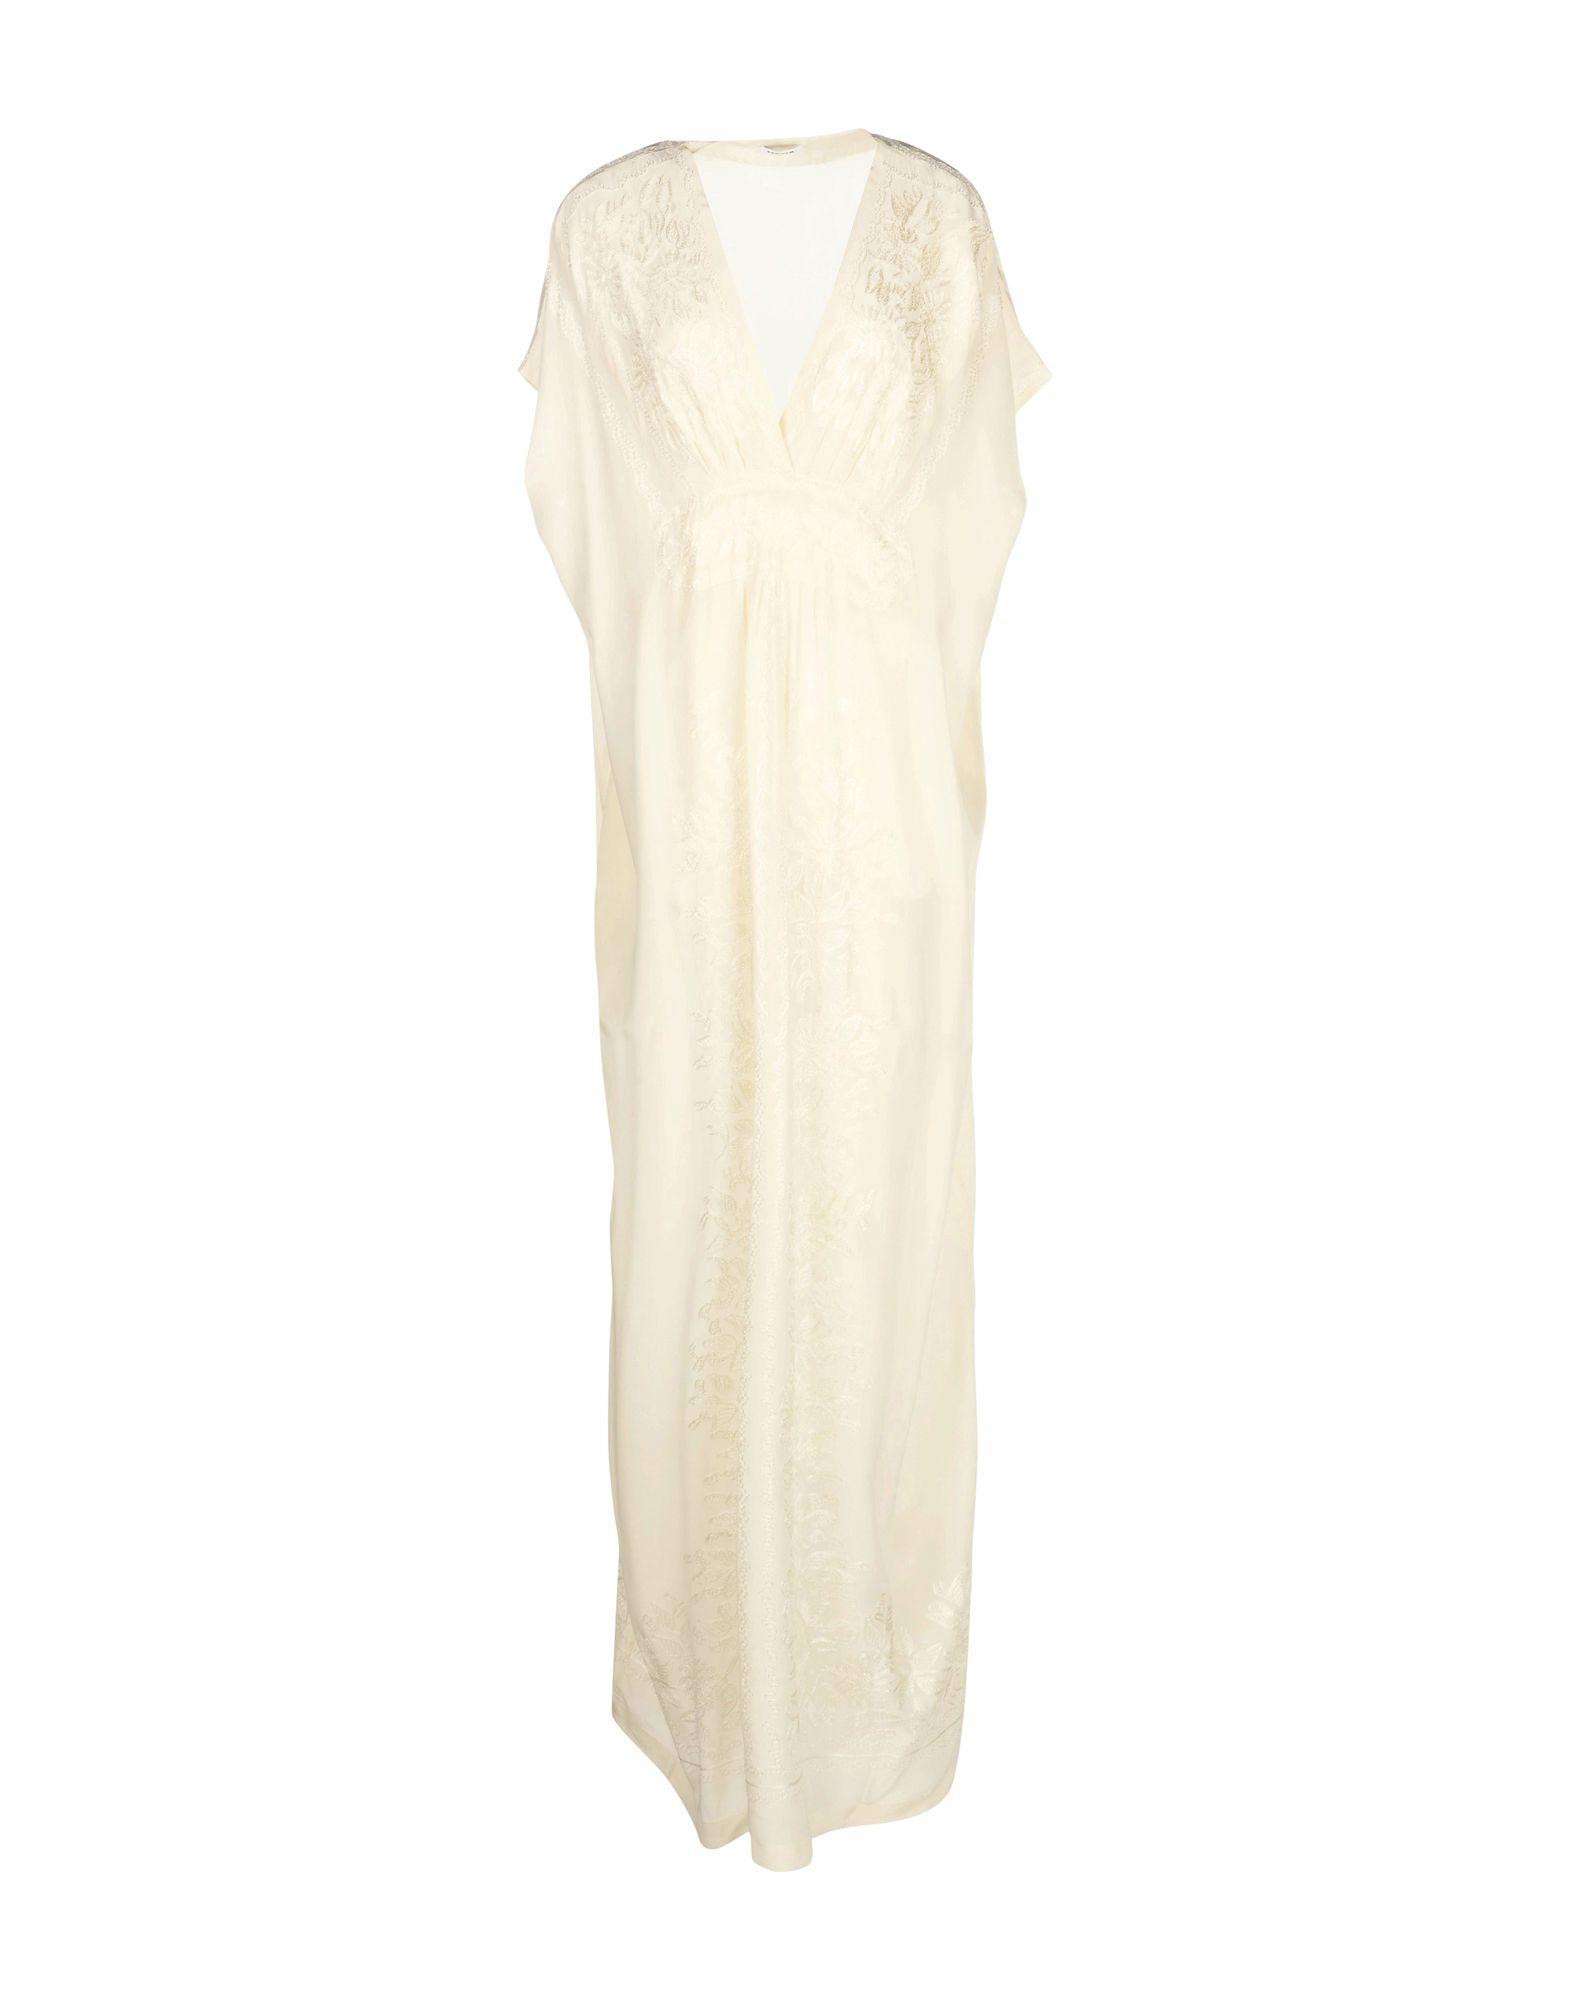 15 Schön Yoox Abendkleid VertriebAbend Einzigartig Yoox Abendkleid Vertrieb